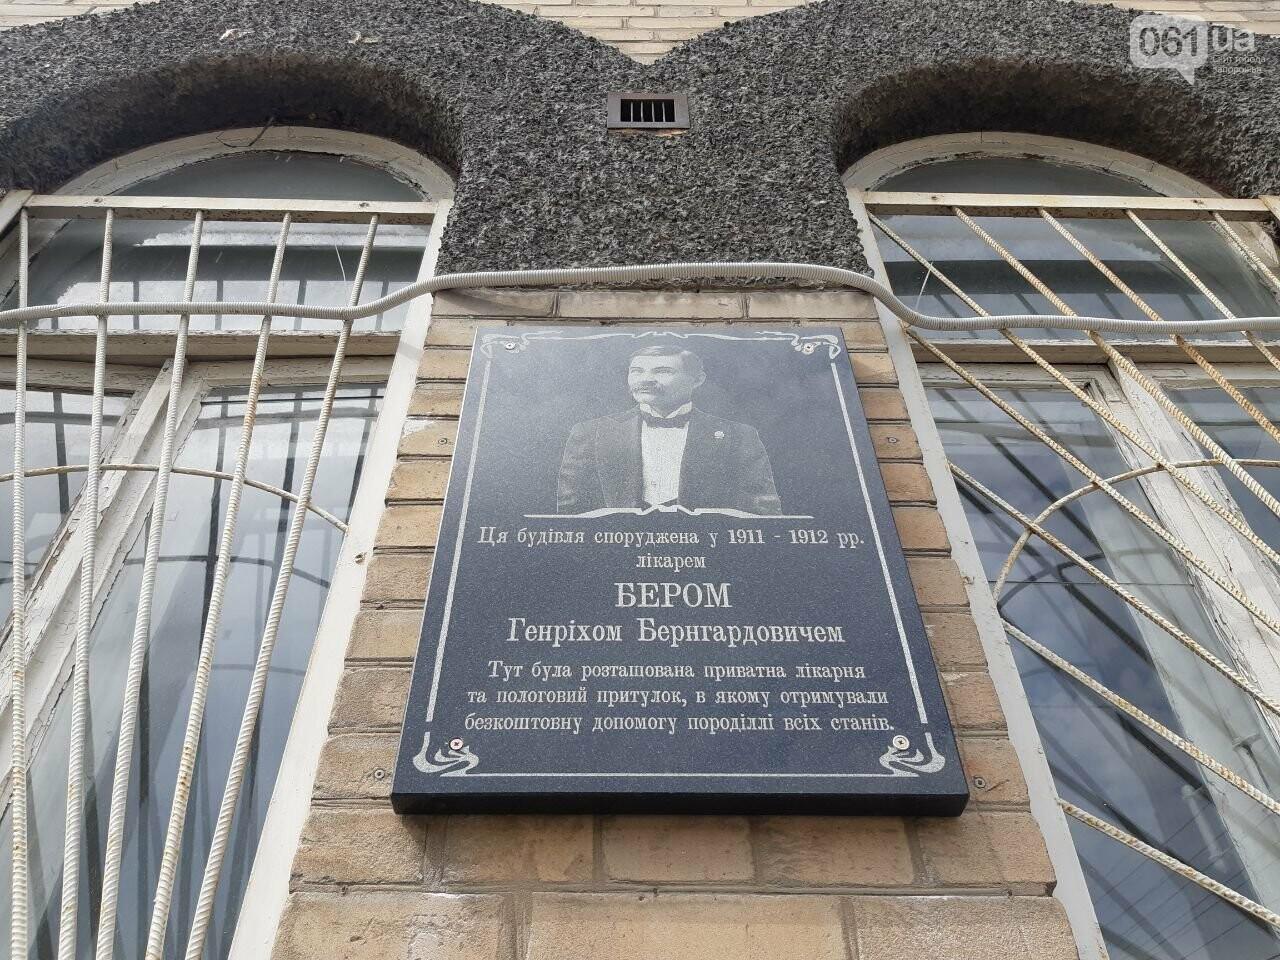 В Запорожье приехала внучка основателя первого александровского родильного дома, - ФОТО, фото-2